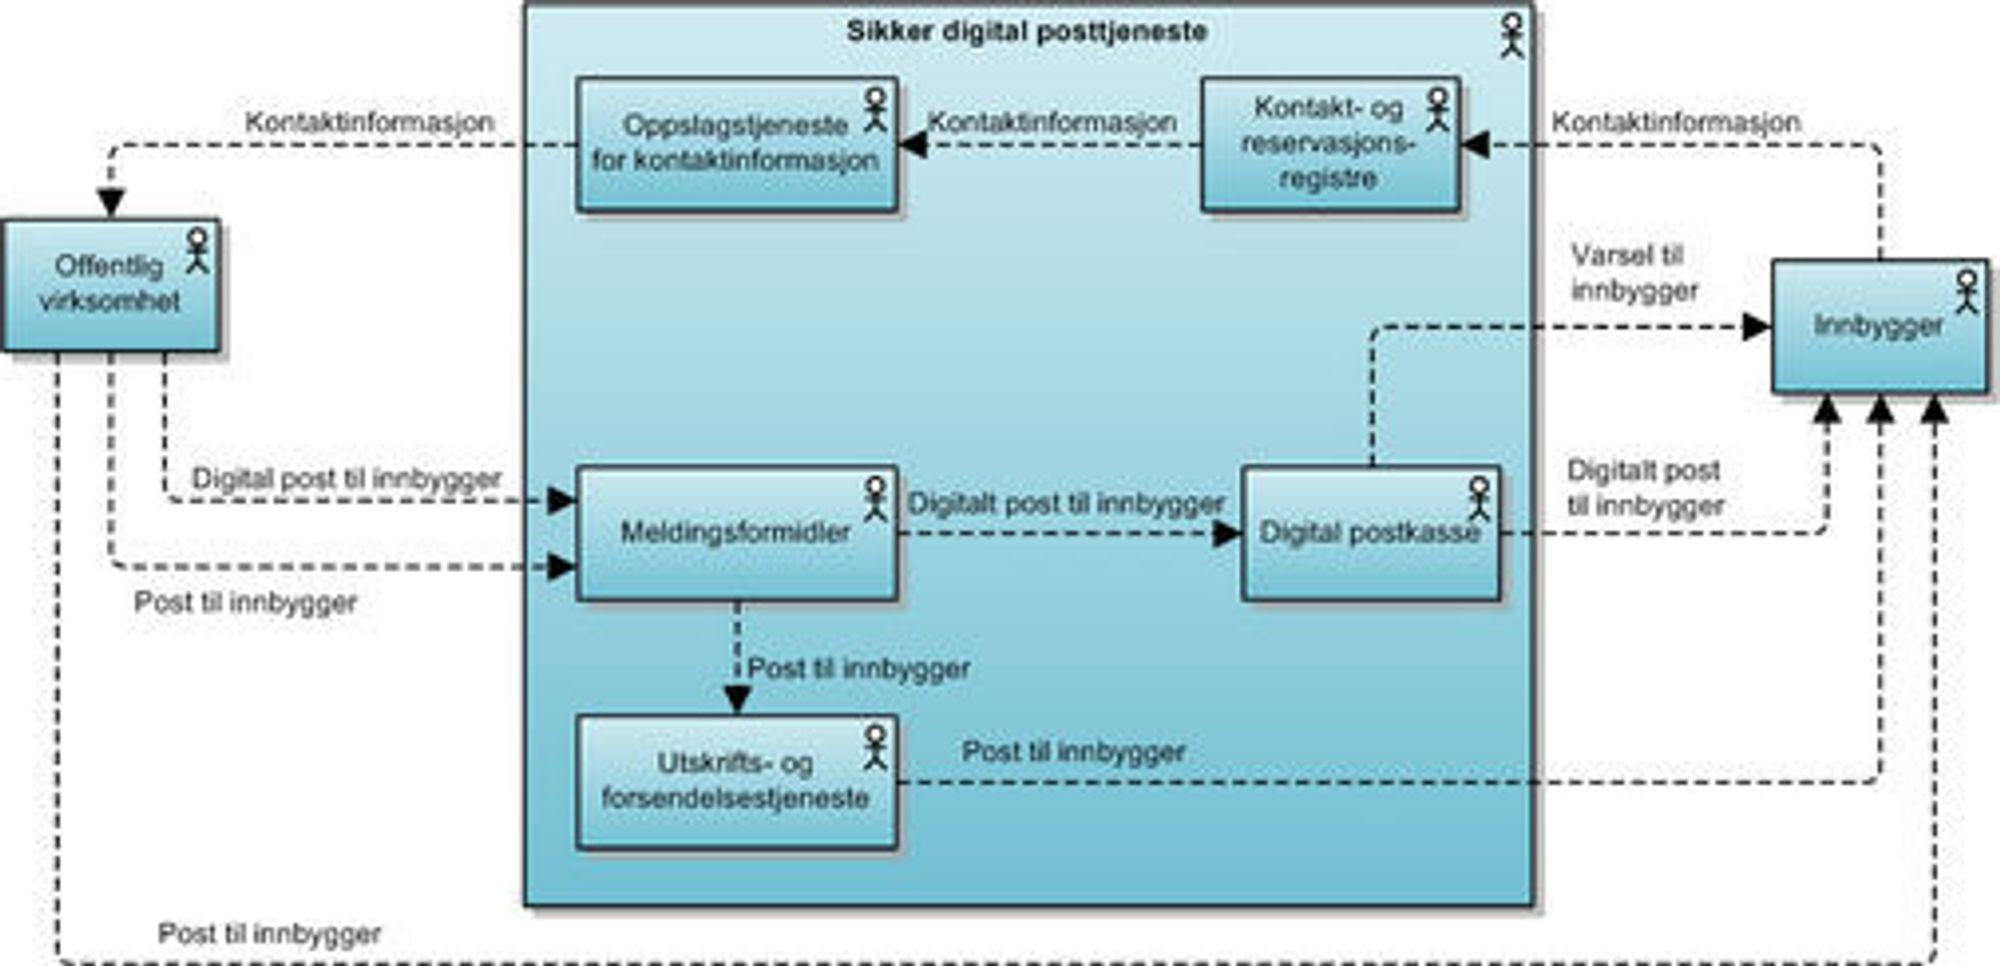 Her illustreres hvordan den sikre digitale postkassen skal organiseres.